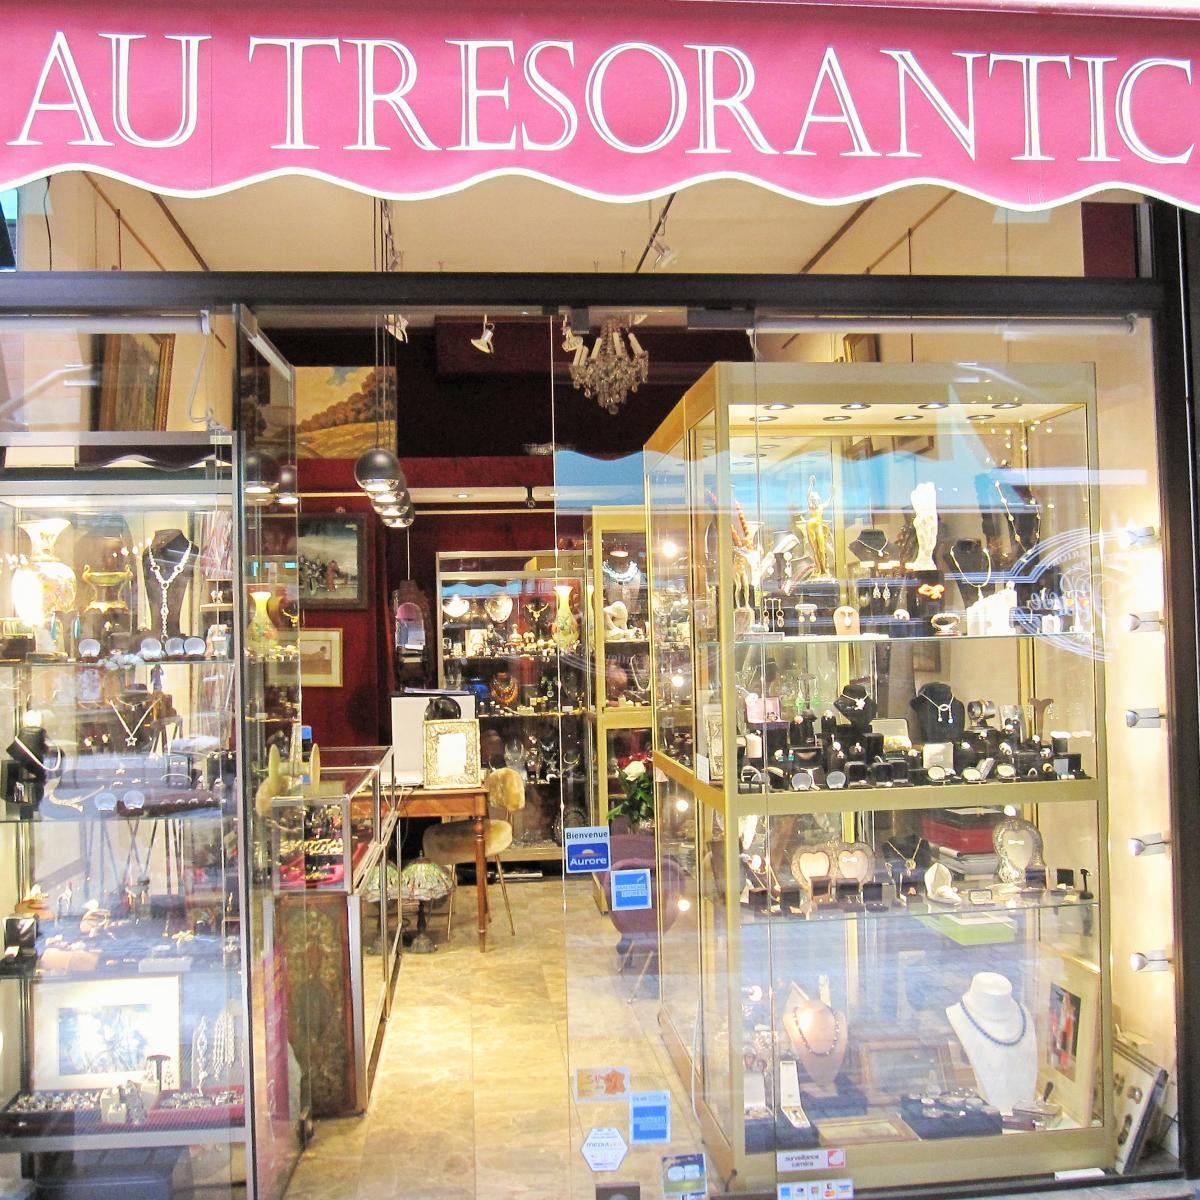 Au Tresorantic